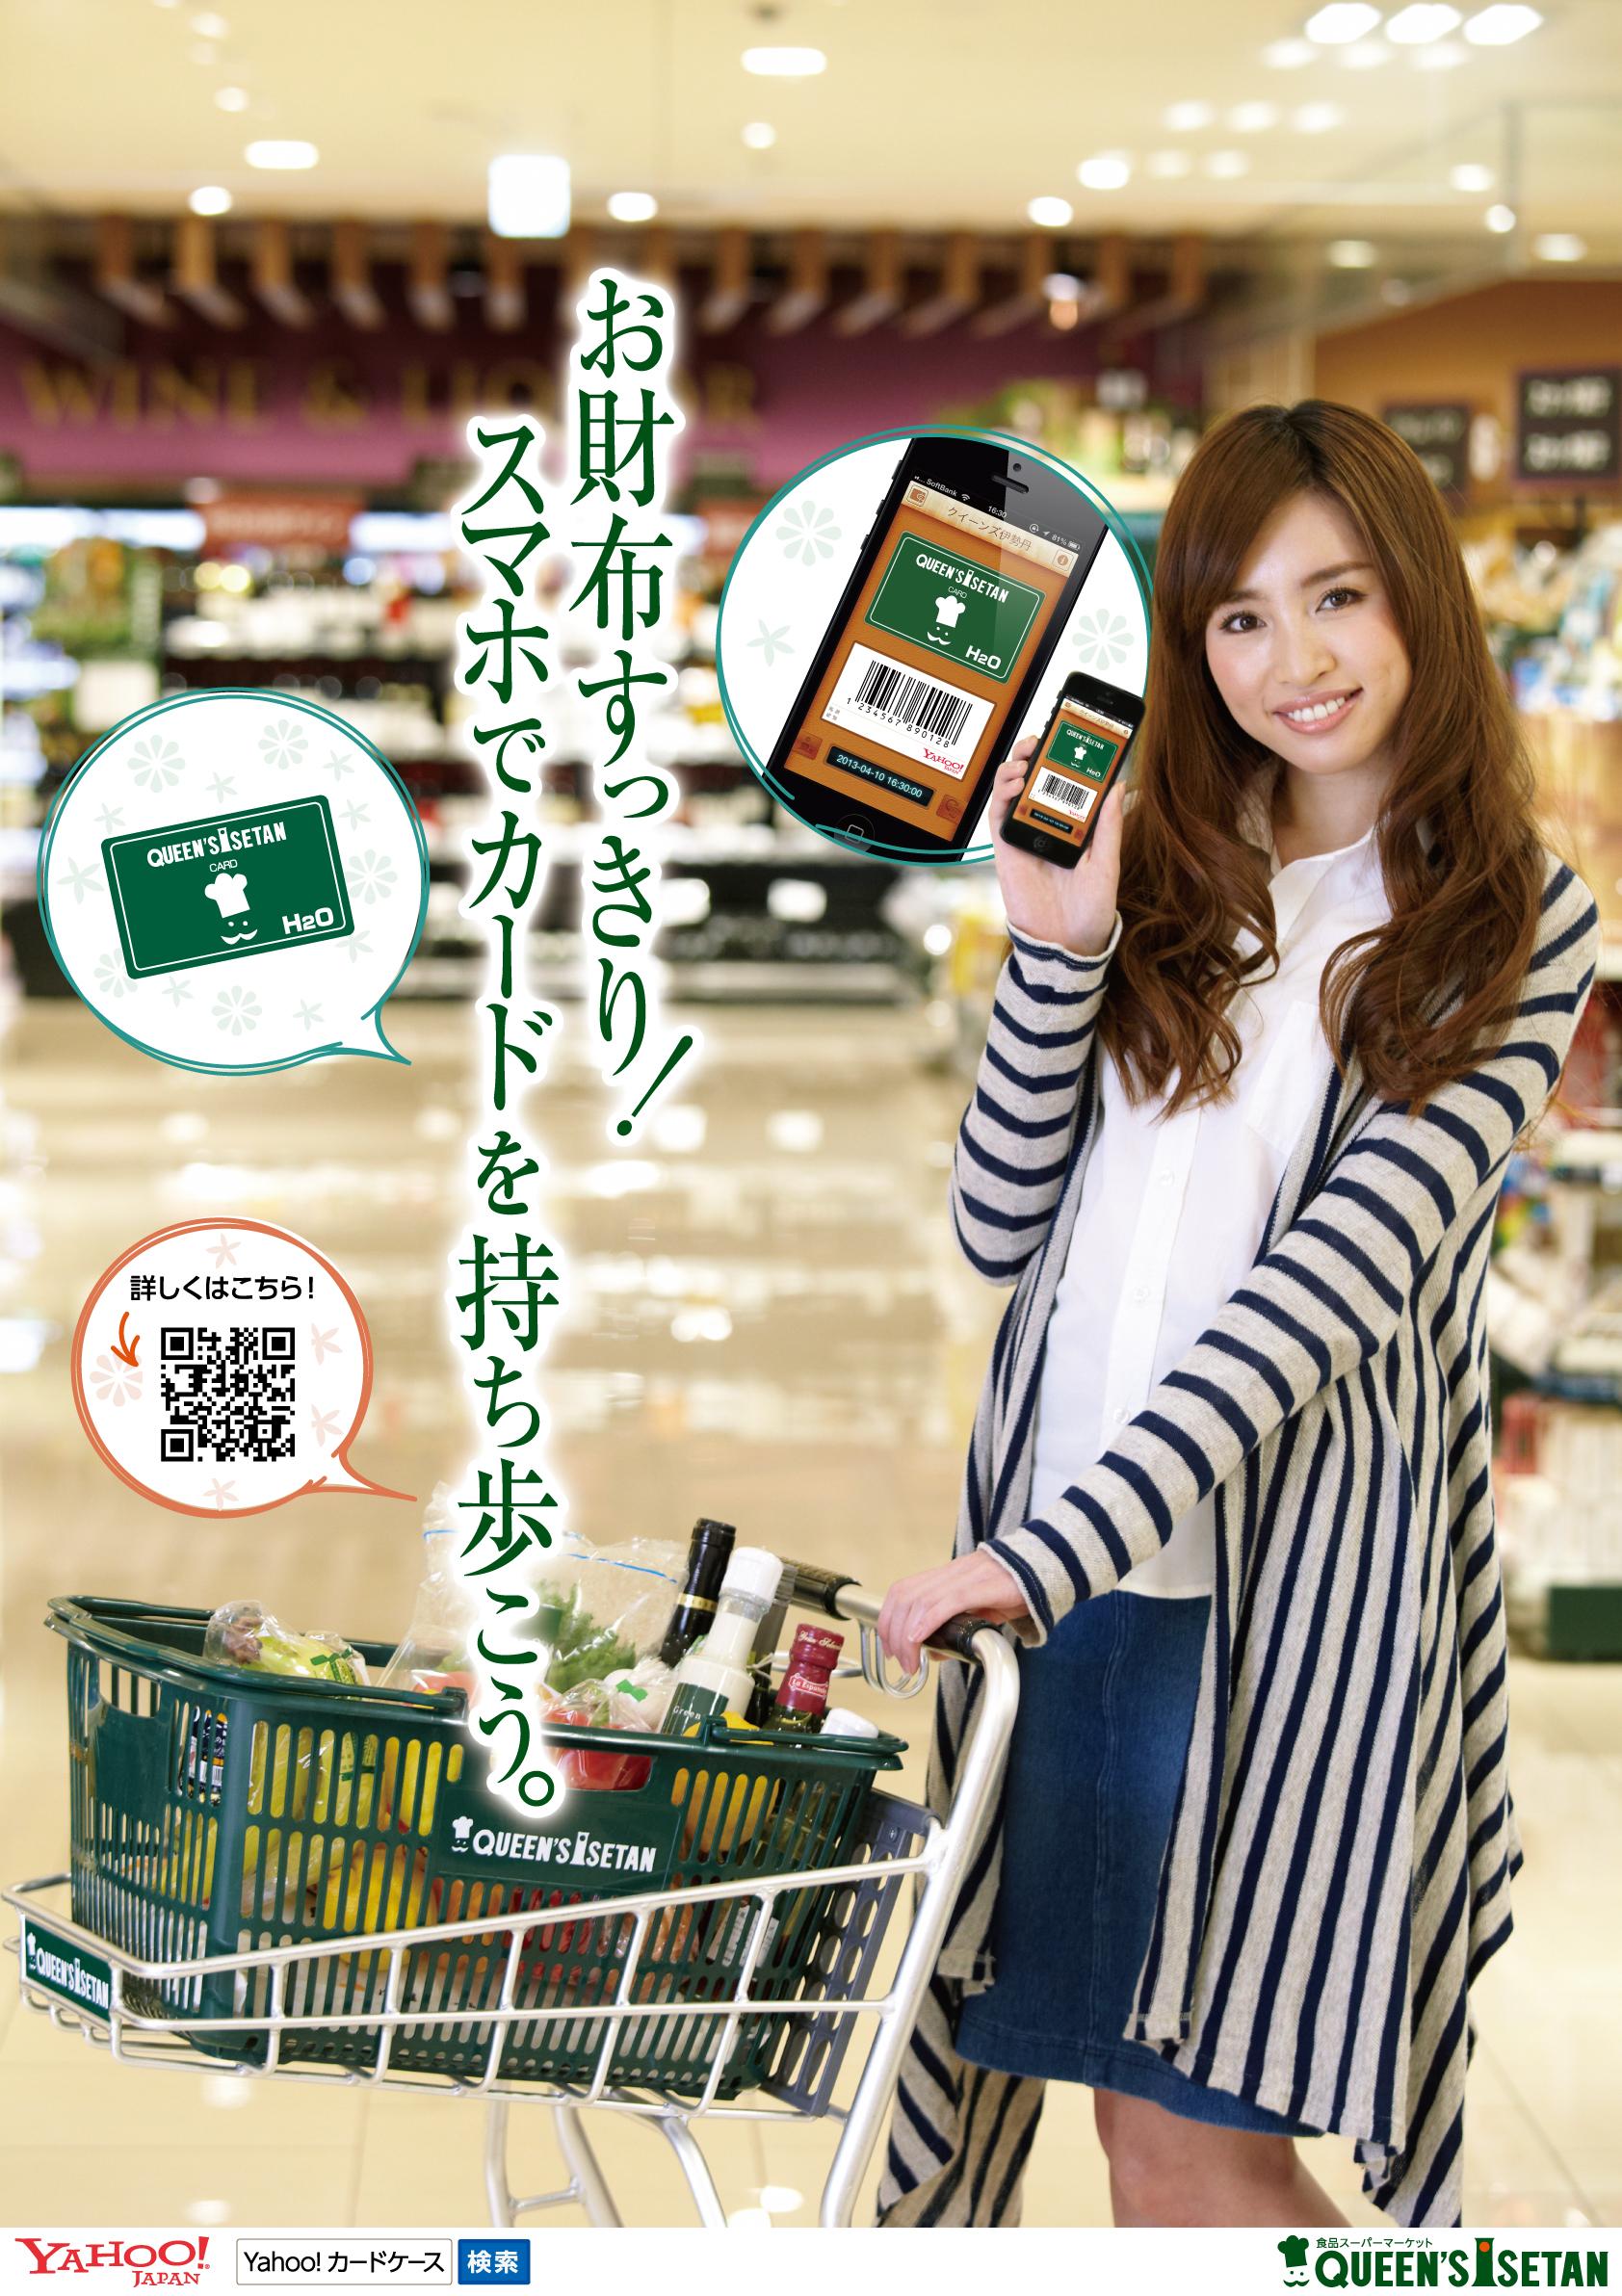 野村瑠里 Yahoo!カードケース×クイーンズ伊勢丹 ポスター